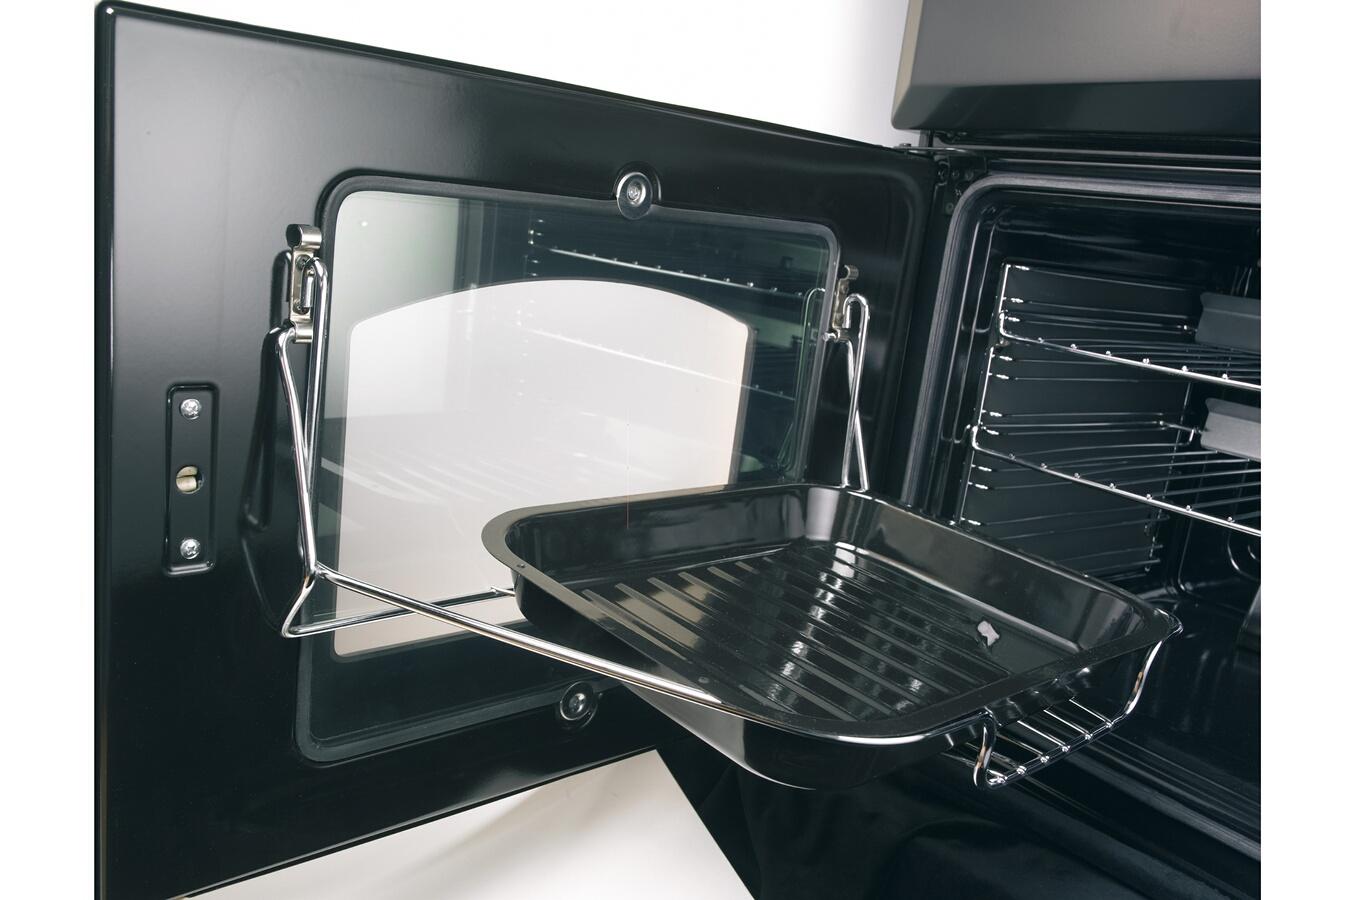 Piano de cuisson leisure cm10frkp noir 3594203 darty - Piano de cuisson darty ...